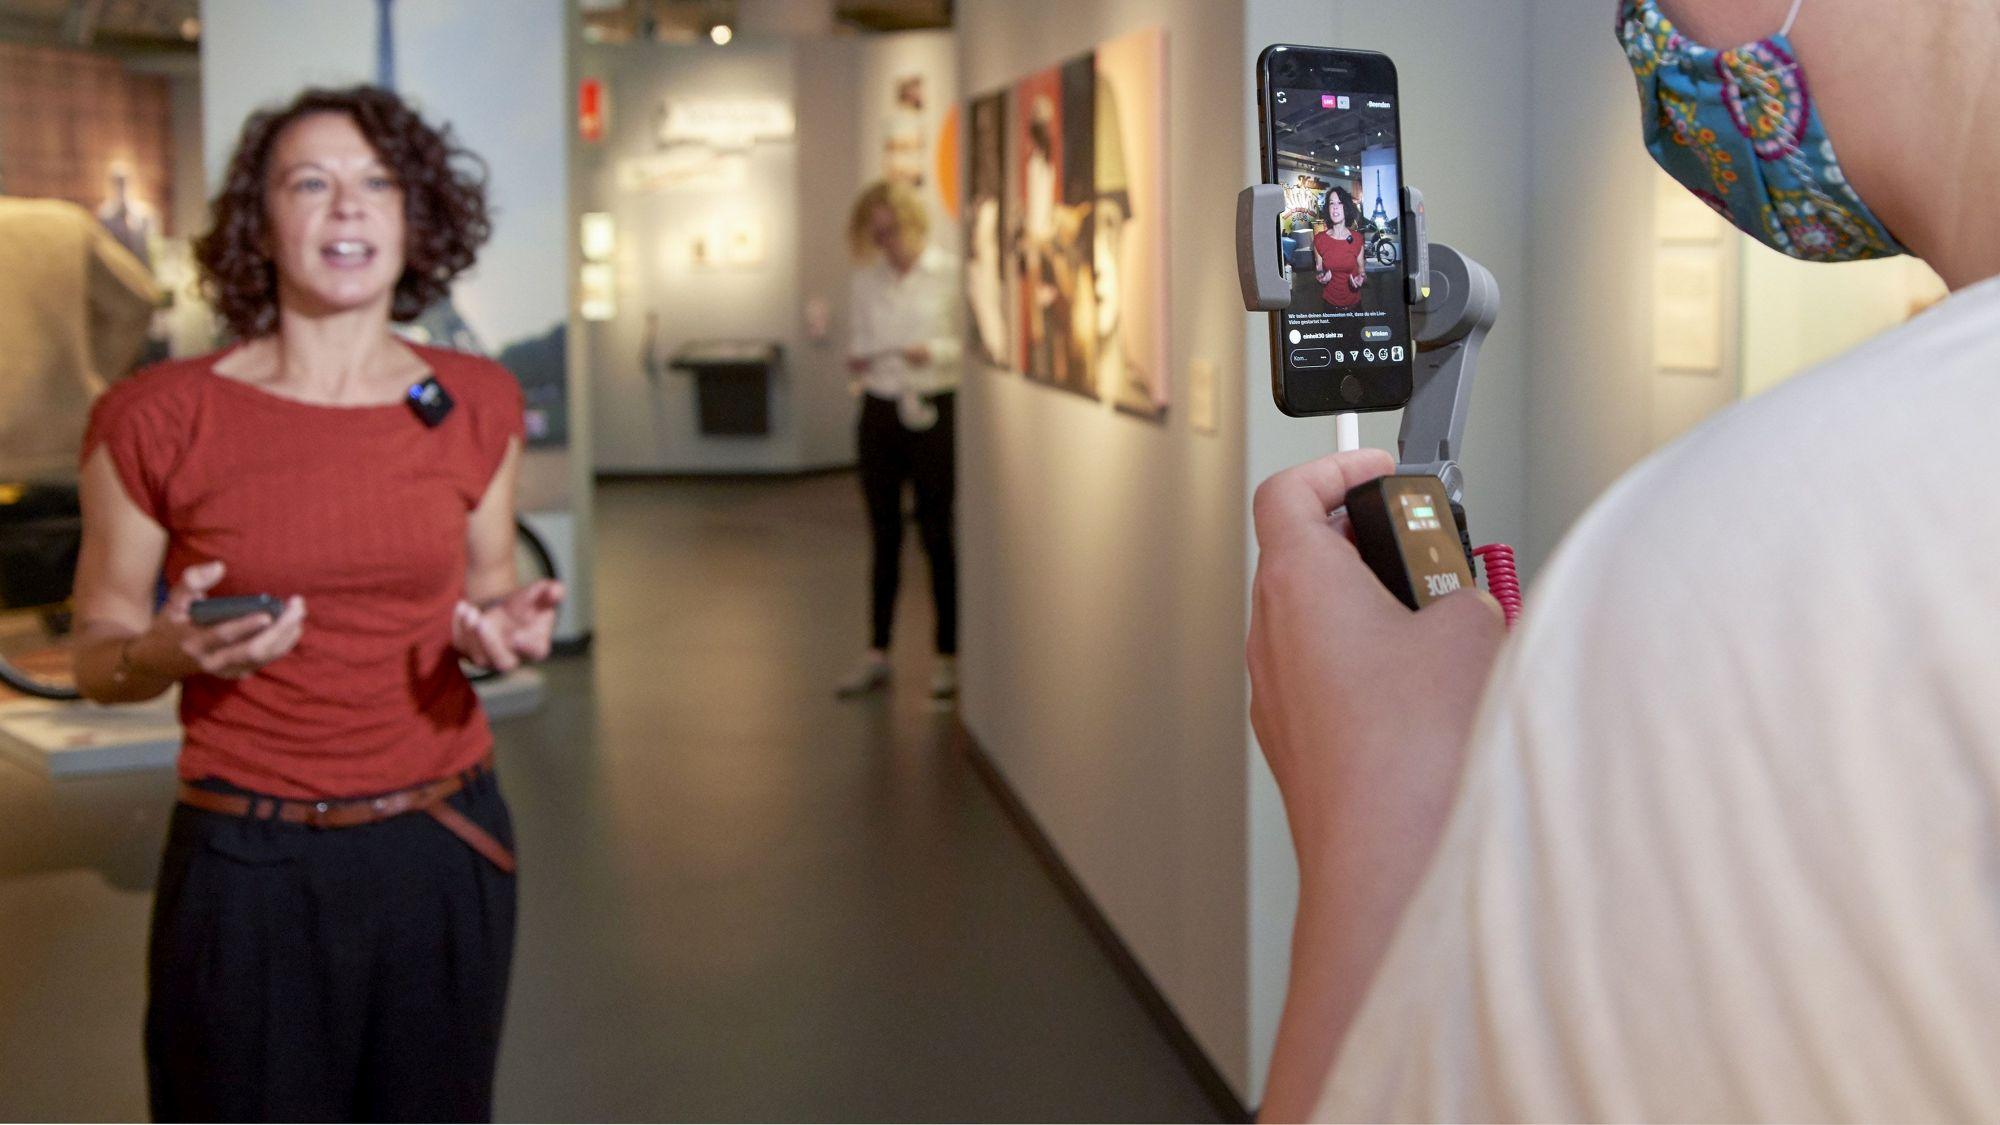 Eine Frau wird in einem Ausstellungsraum mit einem Smartphone gefilmt.